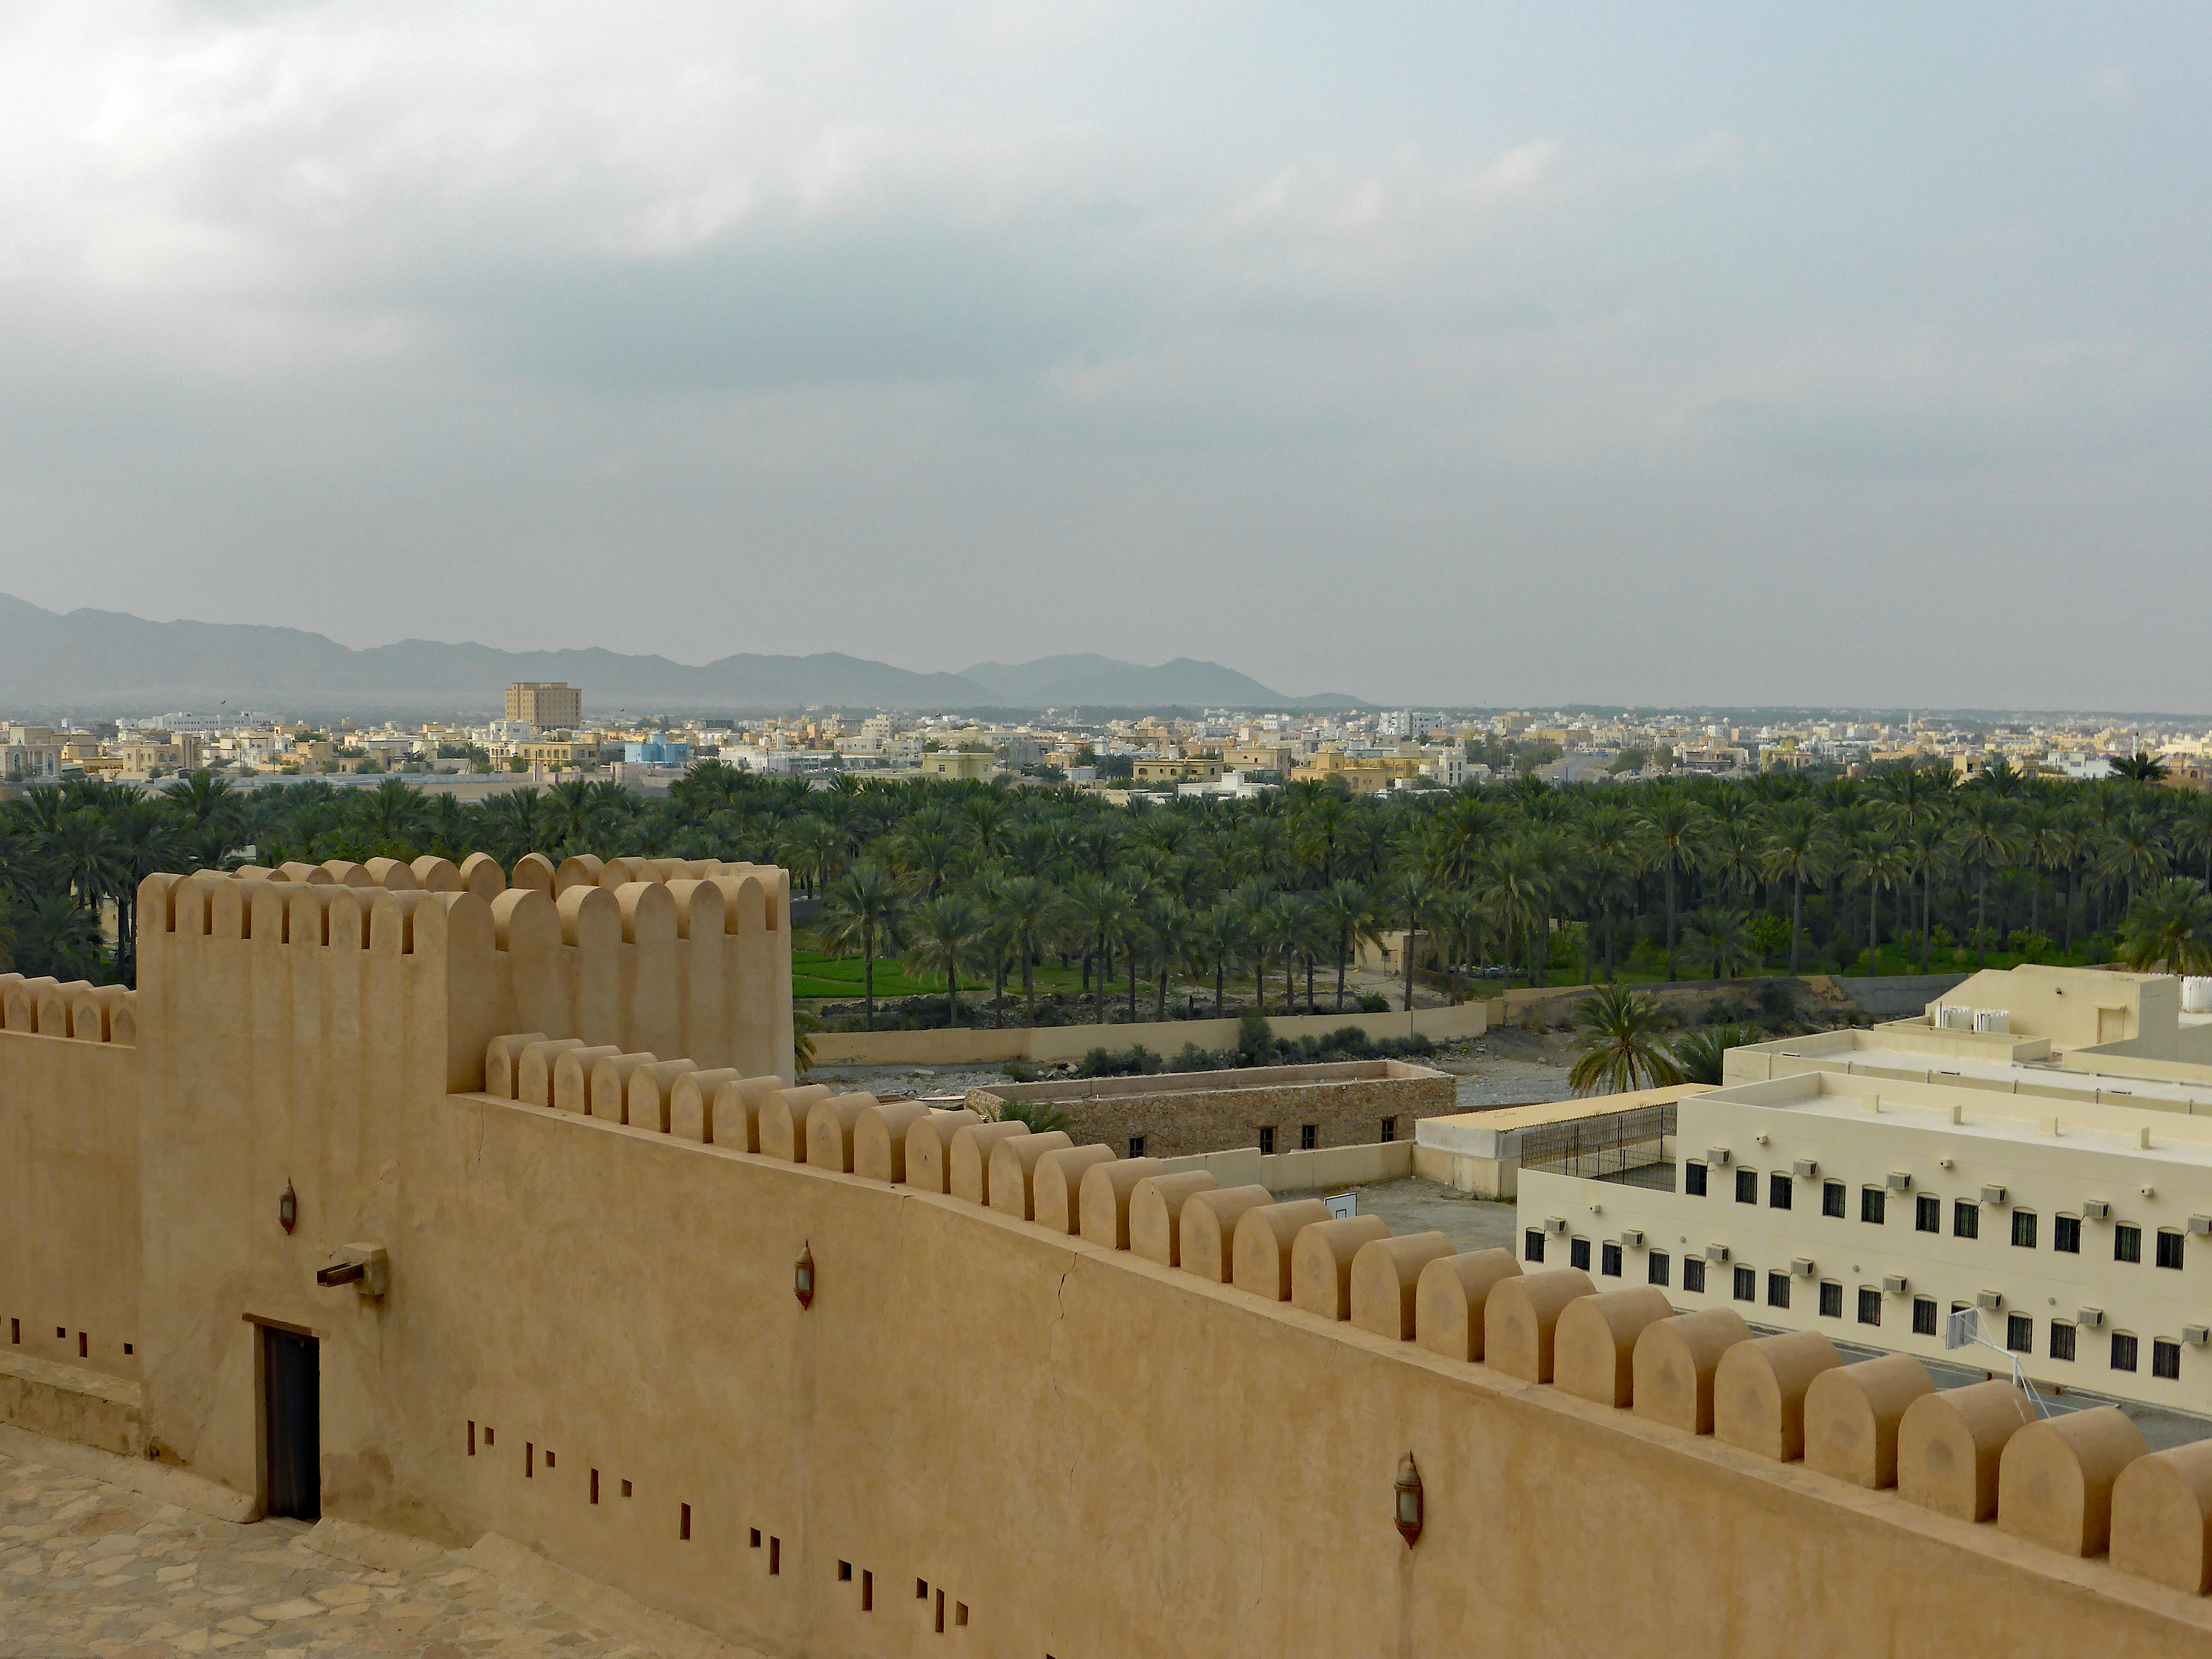 Rustaq - Wikipedia